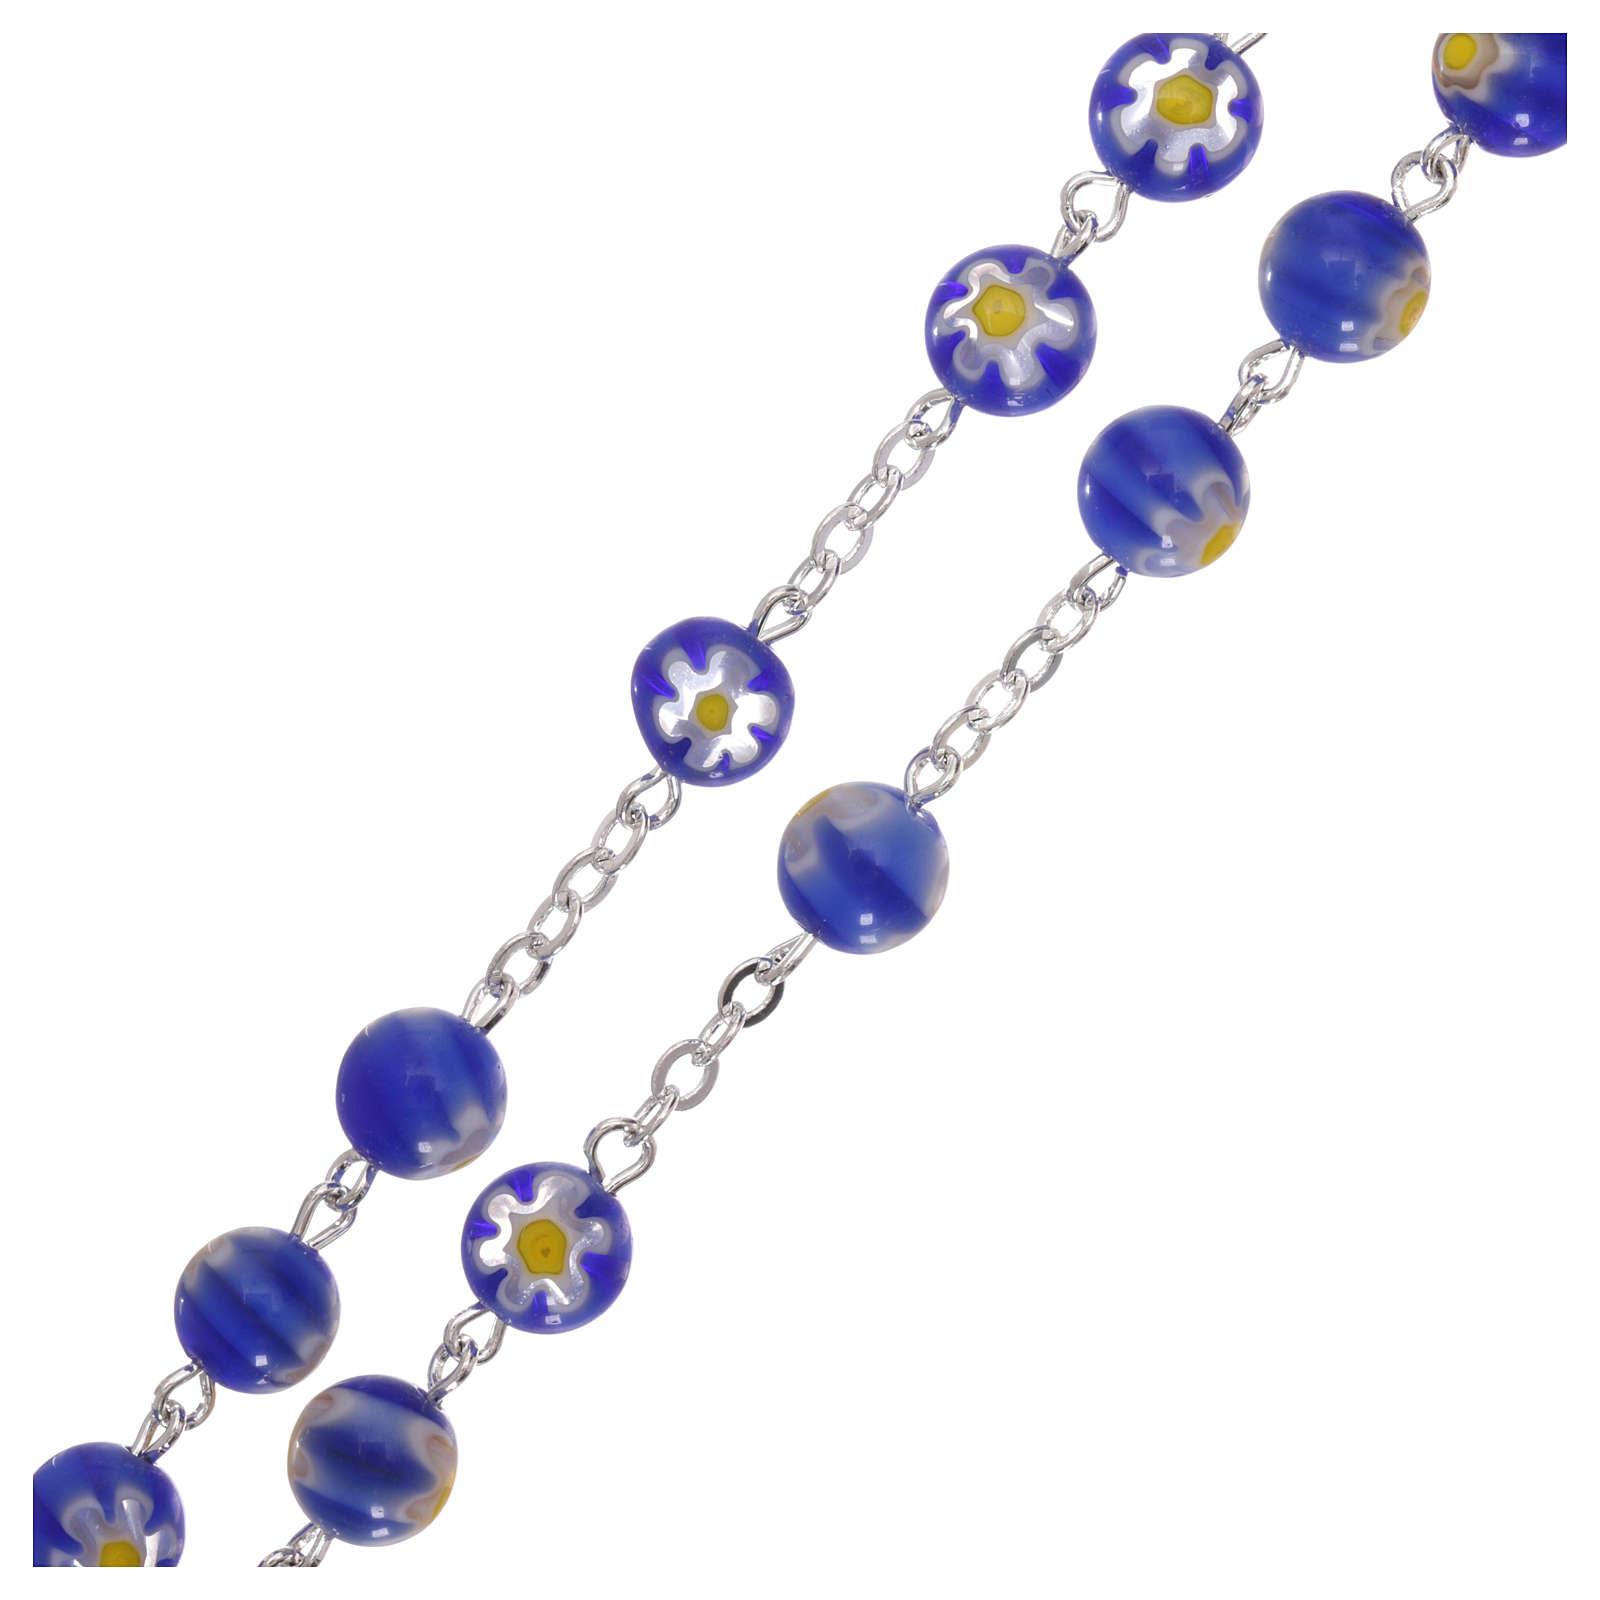 Chapelet en verre style Murrina couleur bleue avec motifs floraux 8 mm 4